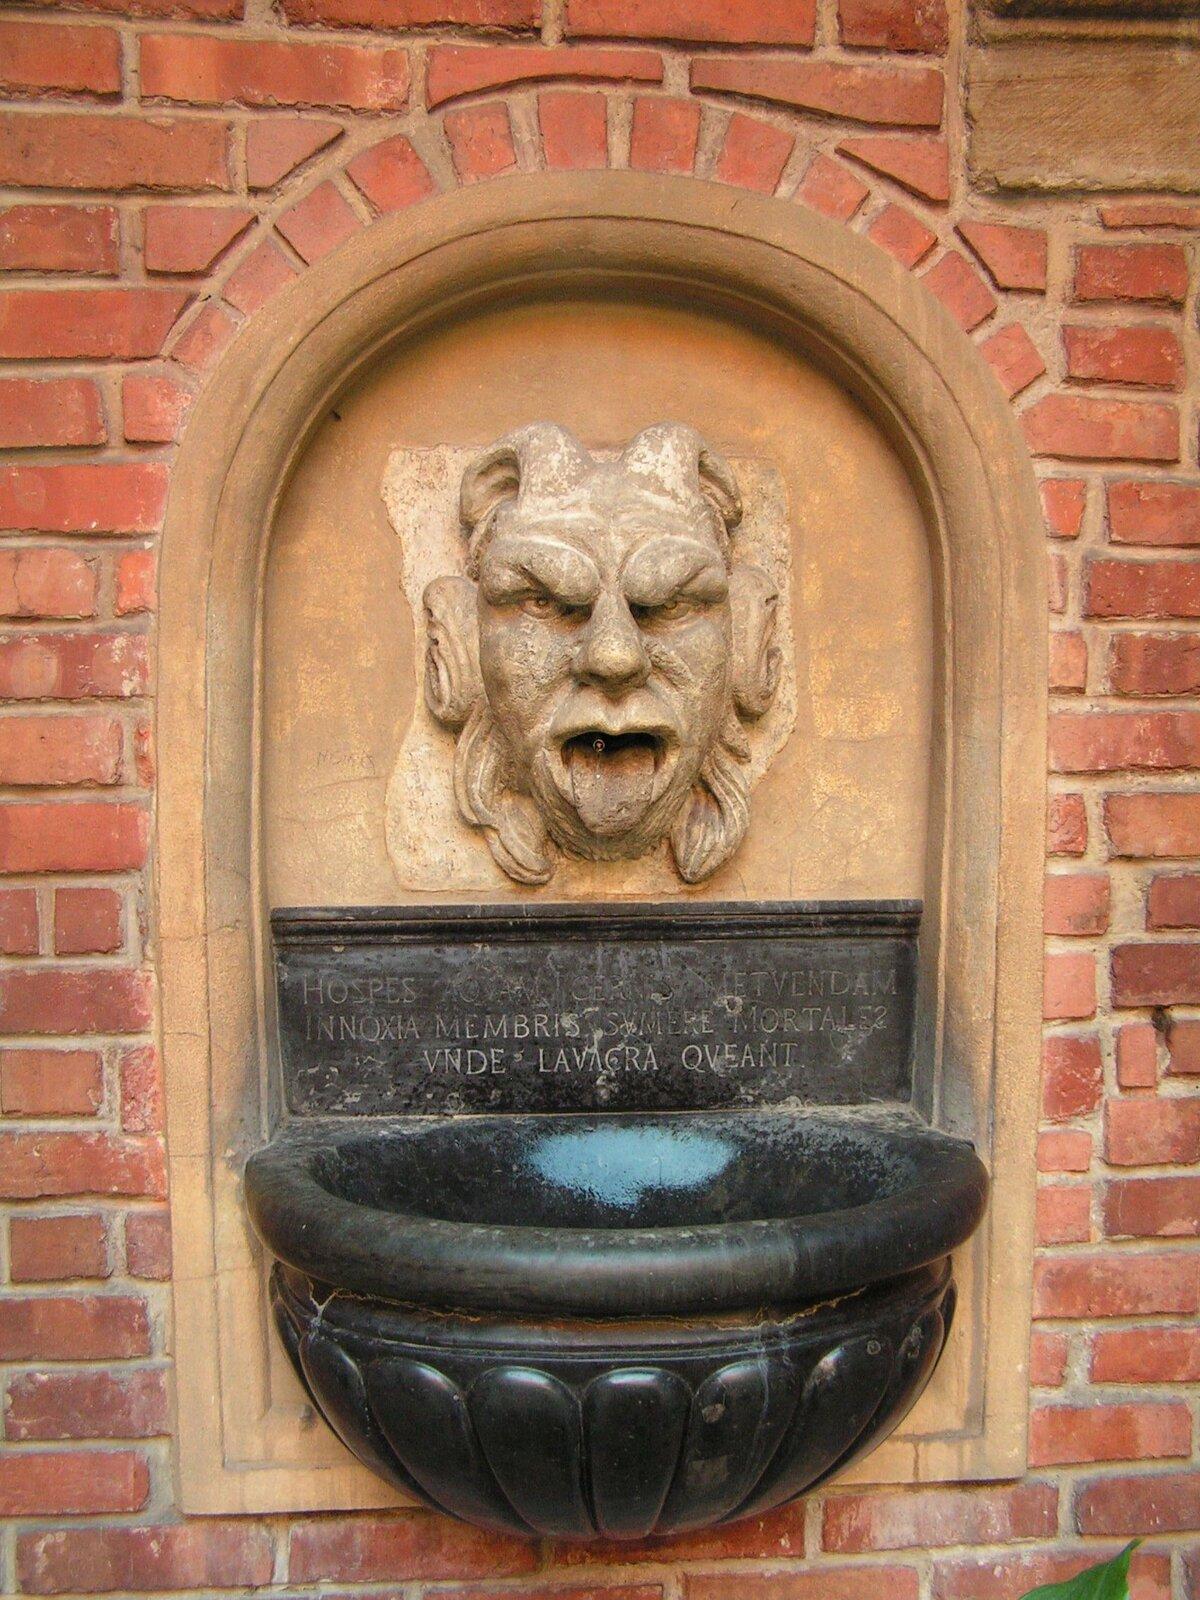 Ilustracja przedstawia ornament – maszkaron. Element przedstawia twarz człowieka/bestii ijest przymocowana do ściany. Pod figurą zwaną maszkaronem znajduje się ciemne naczynie.